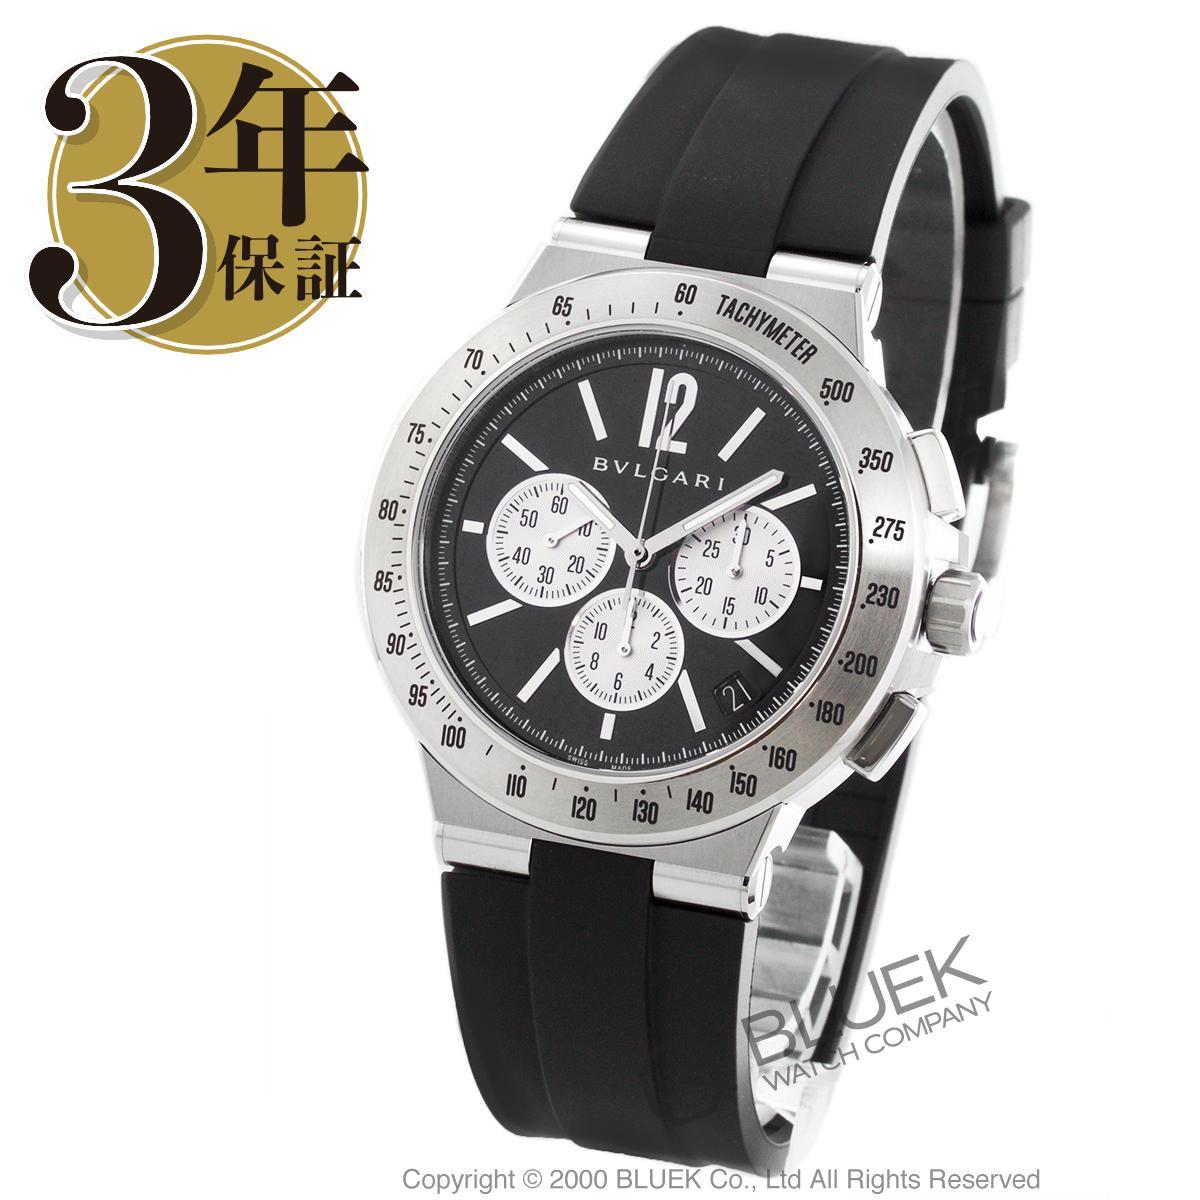 ブルガリ ディアゴノ ヴェロチッシモ クロノグラフ 腕時計 メンズ BVLGARI DG41BSVDCHTA_8